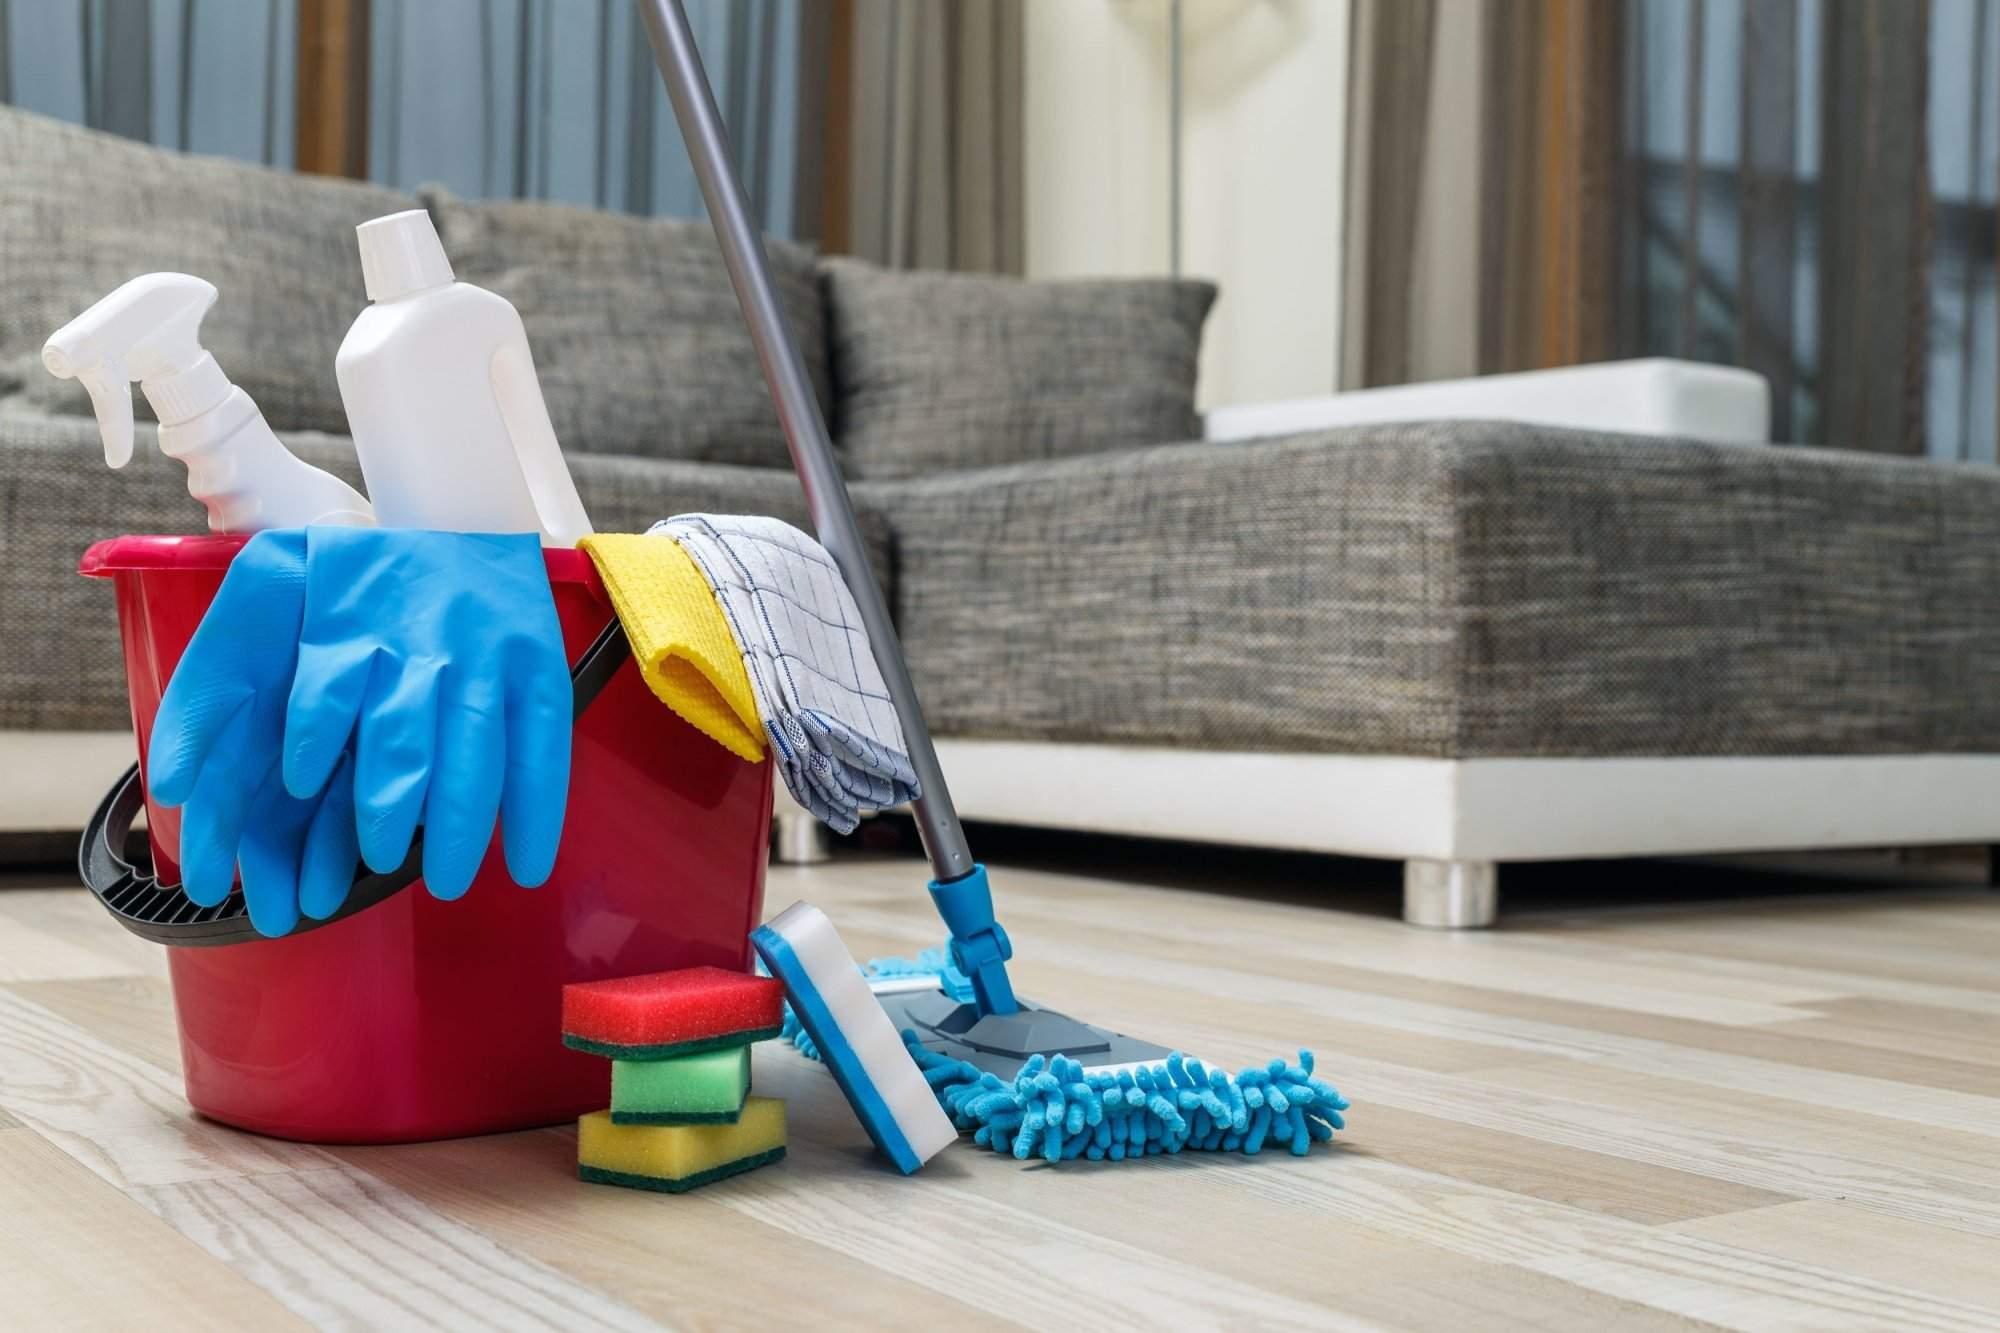 Невеликі ритуали допоможуть підтримувати дім в чистоті